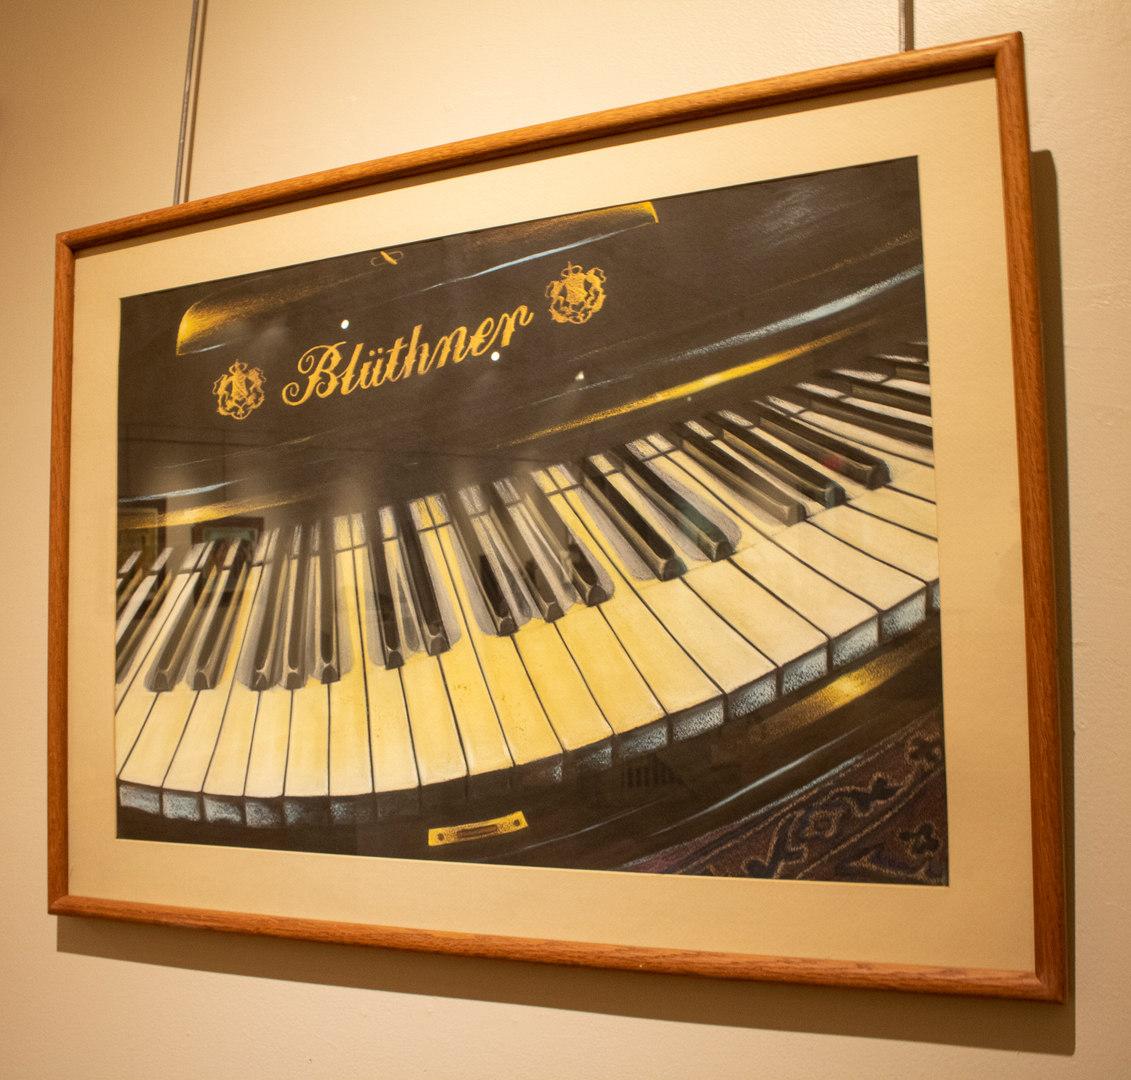 Der Bluthner by Charlotte Lou Atkins